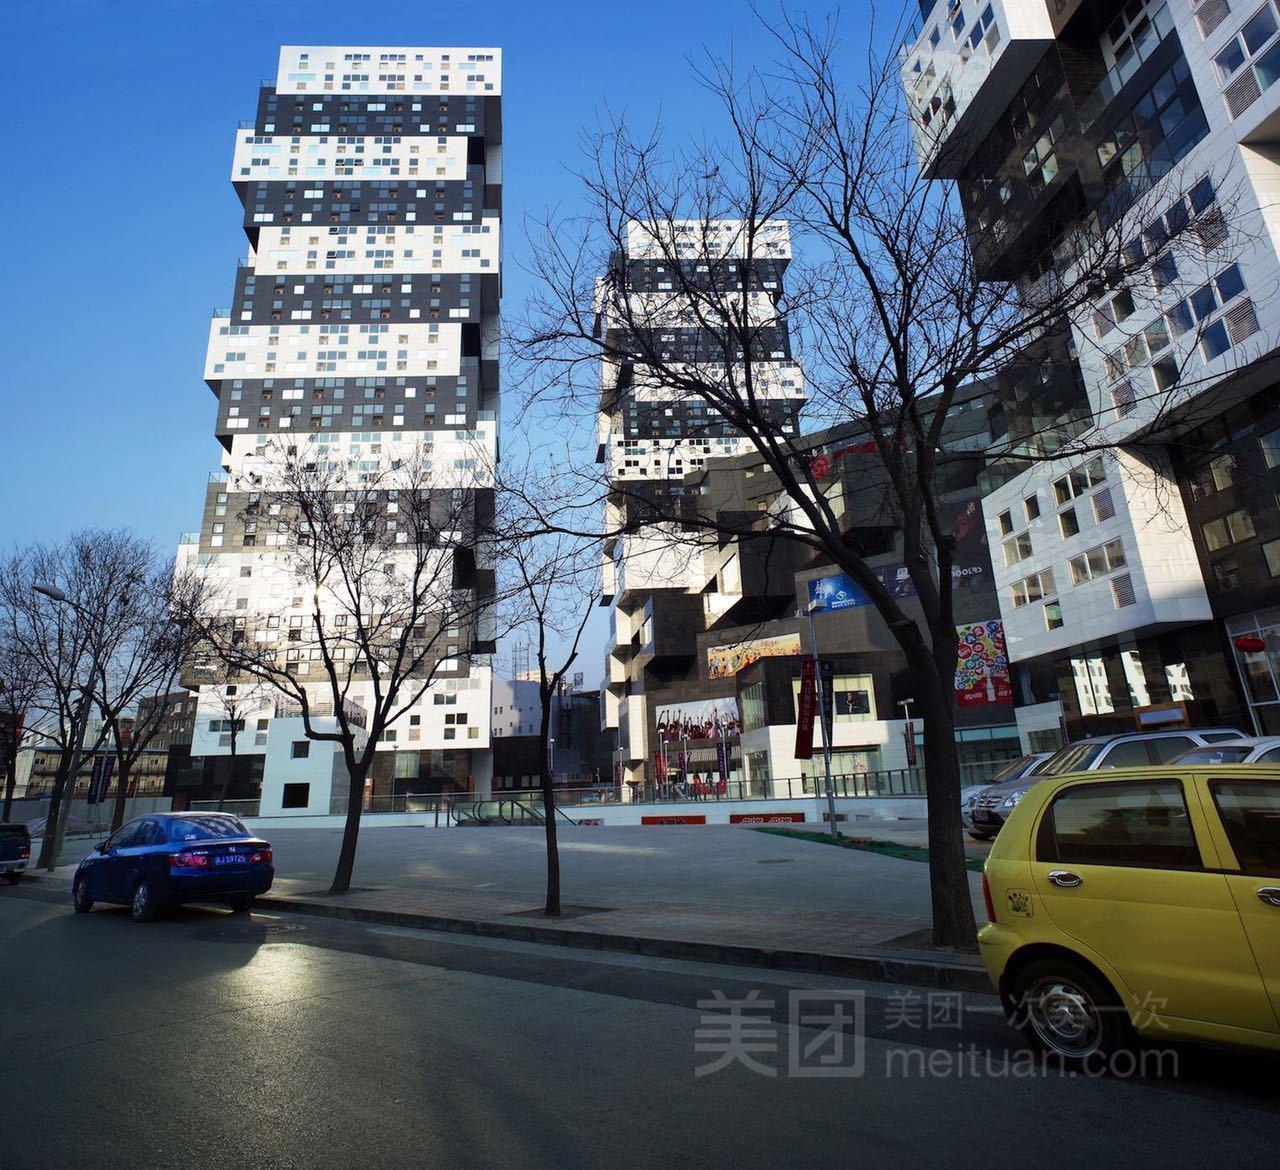 设计师广场枫之家一居预订/团购